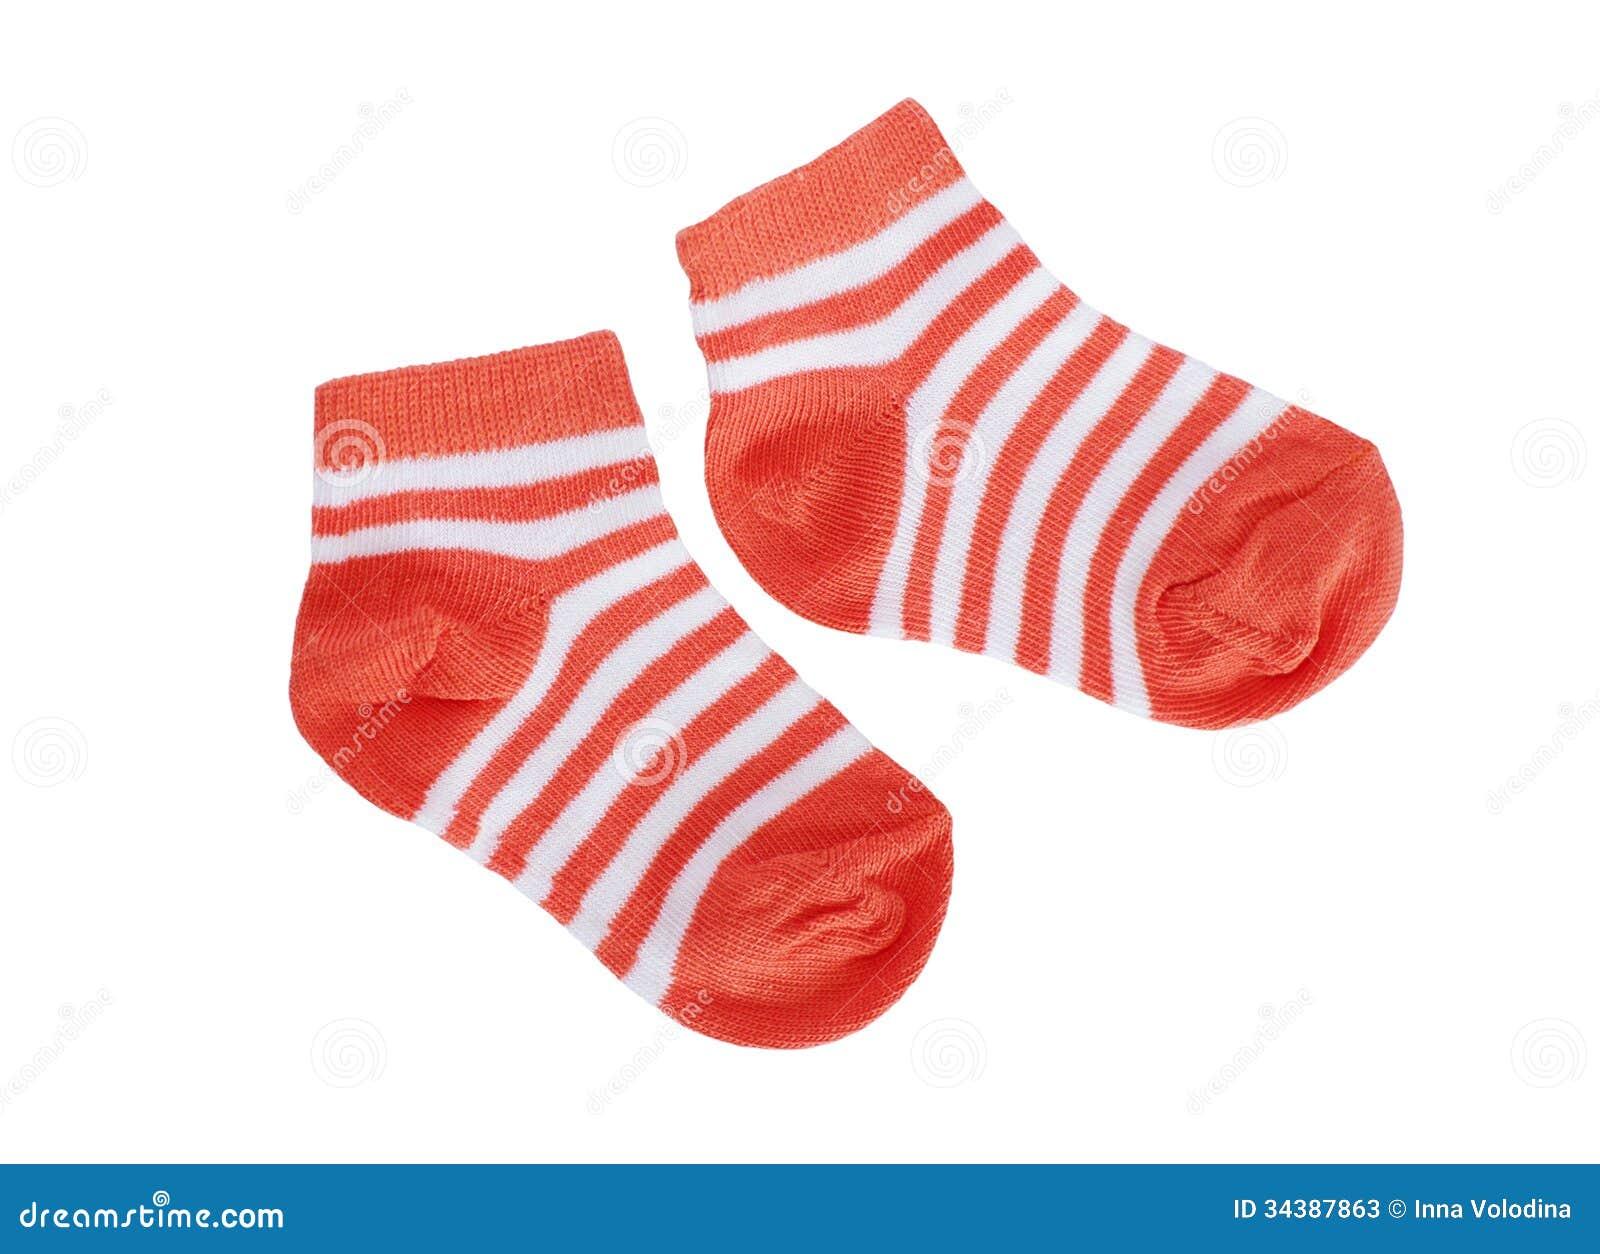 Orange Striped Baby Socks On White Background Stock Image ...